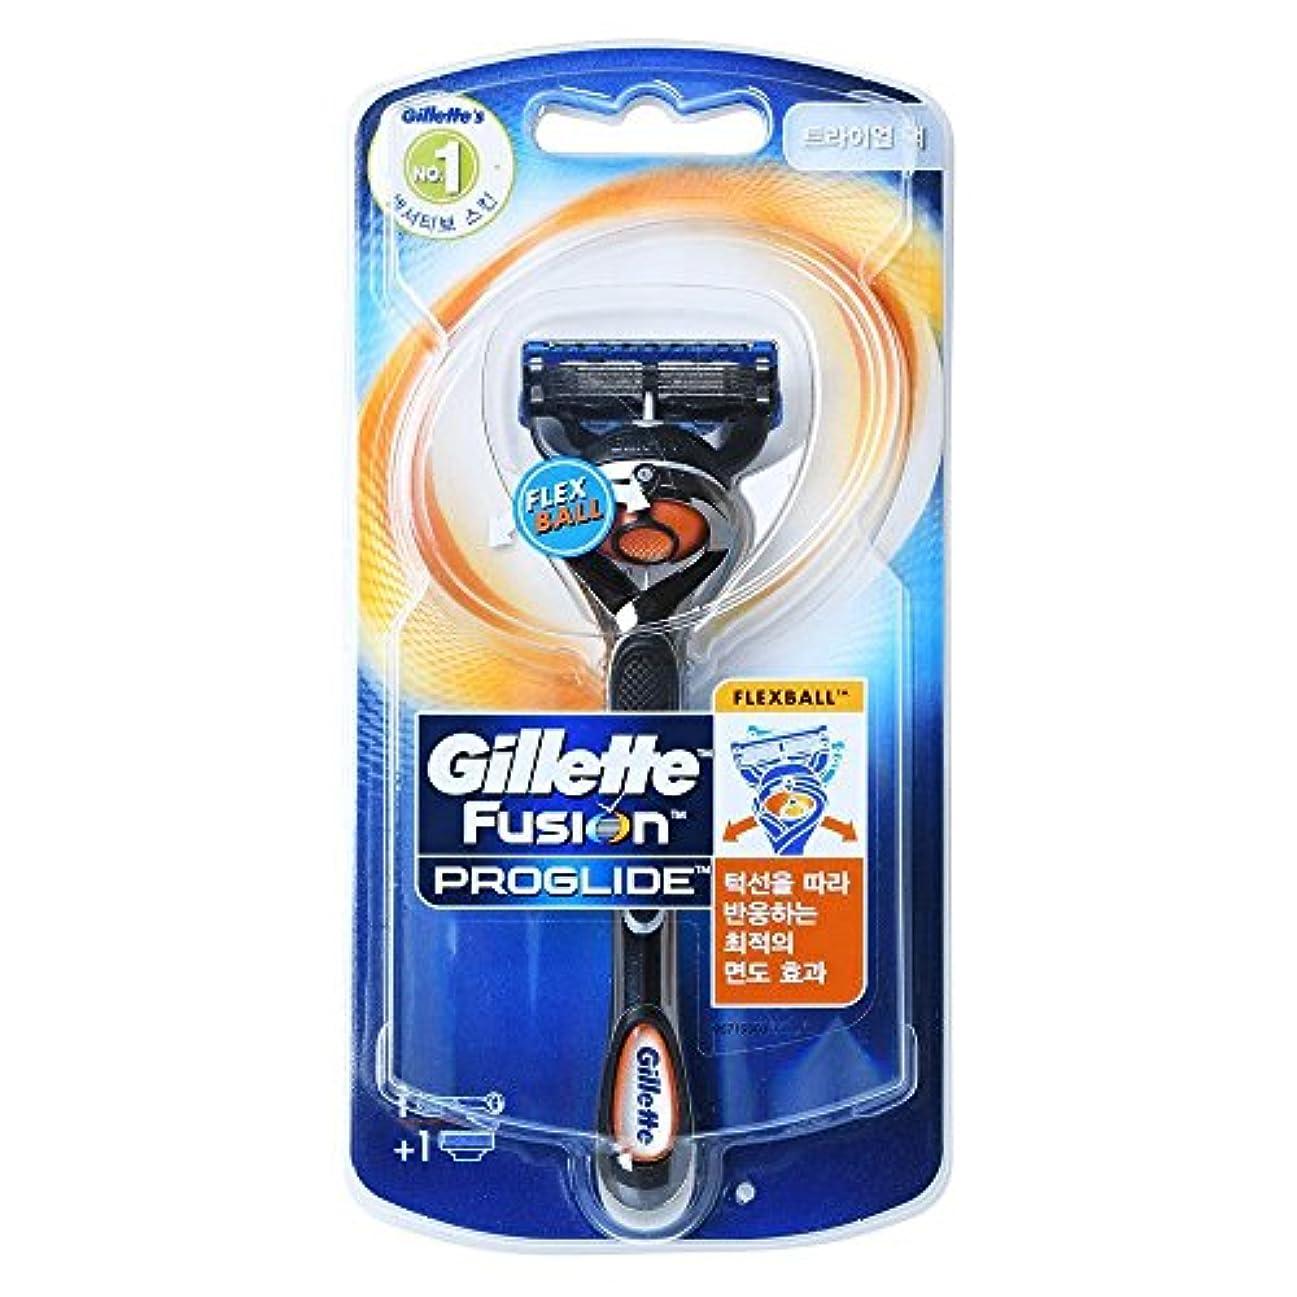 超越する瞳不名誉なGillette Fusion Proglide Flexball Men's 1本のカミソリ1本でカミソリ1本 Trial pack [並行輸入品]